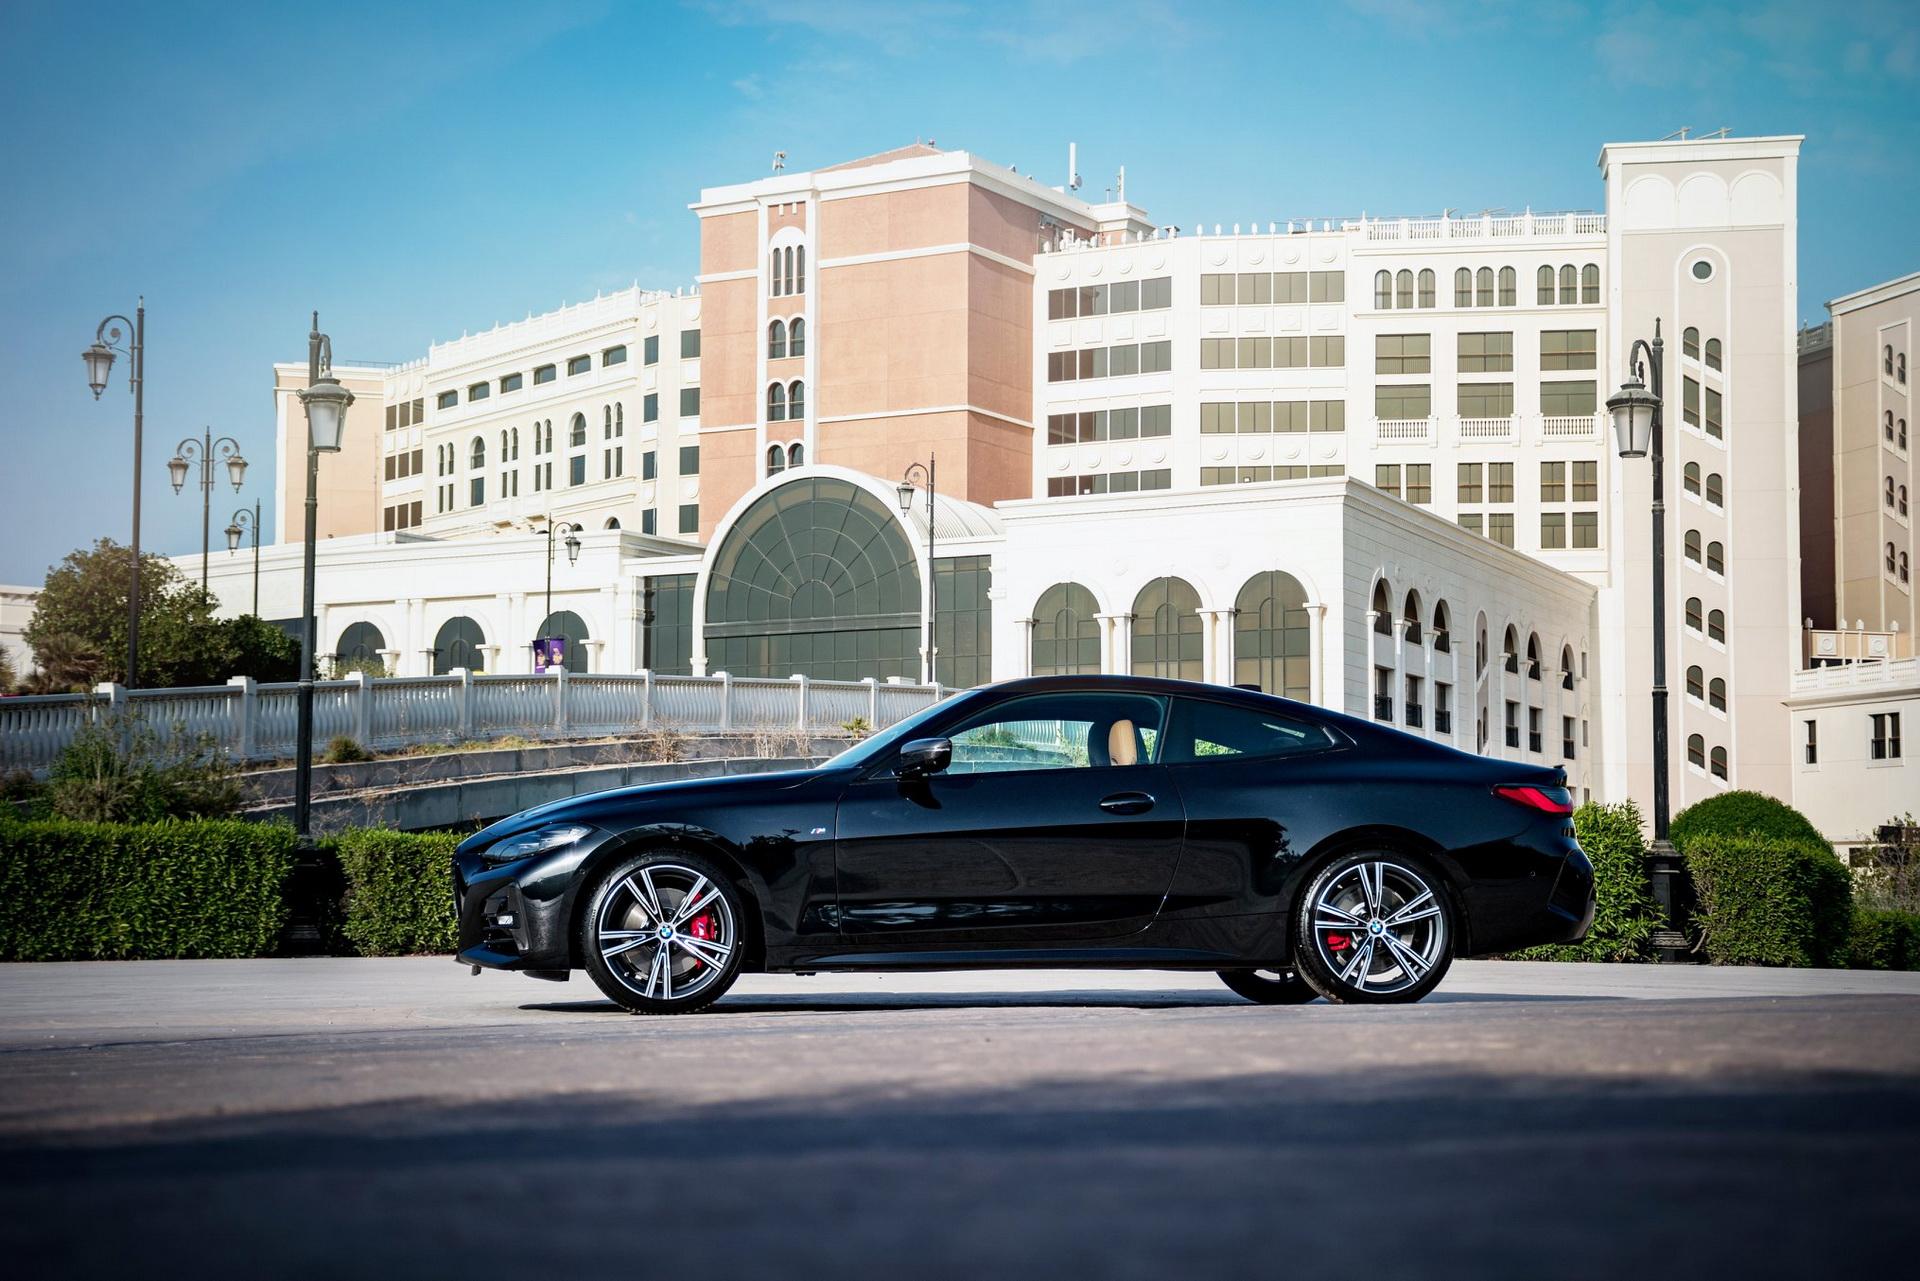 وفي سياق متصل تحتفل شركة أبوظبي موتورز، الوكيل الحصري والموزع المعتمد لعلامة مجموعة BMW التجارية في أبوظبي والعين، بالذكرى 35 لتأسيسها، وذلك بتقديم مجموعة من العروض المذهلة التي تستمر حتى 30 سبتمبر.